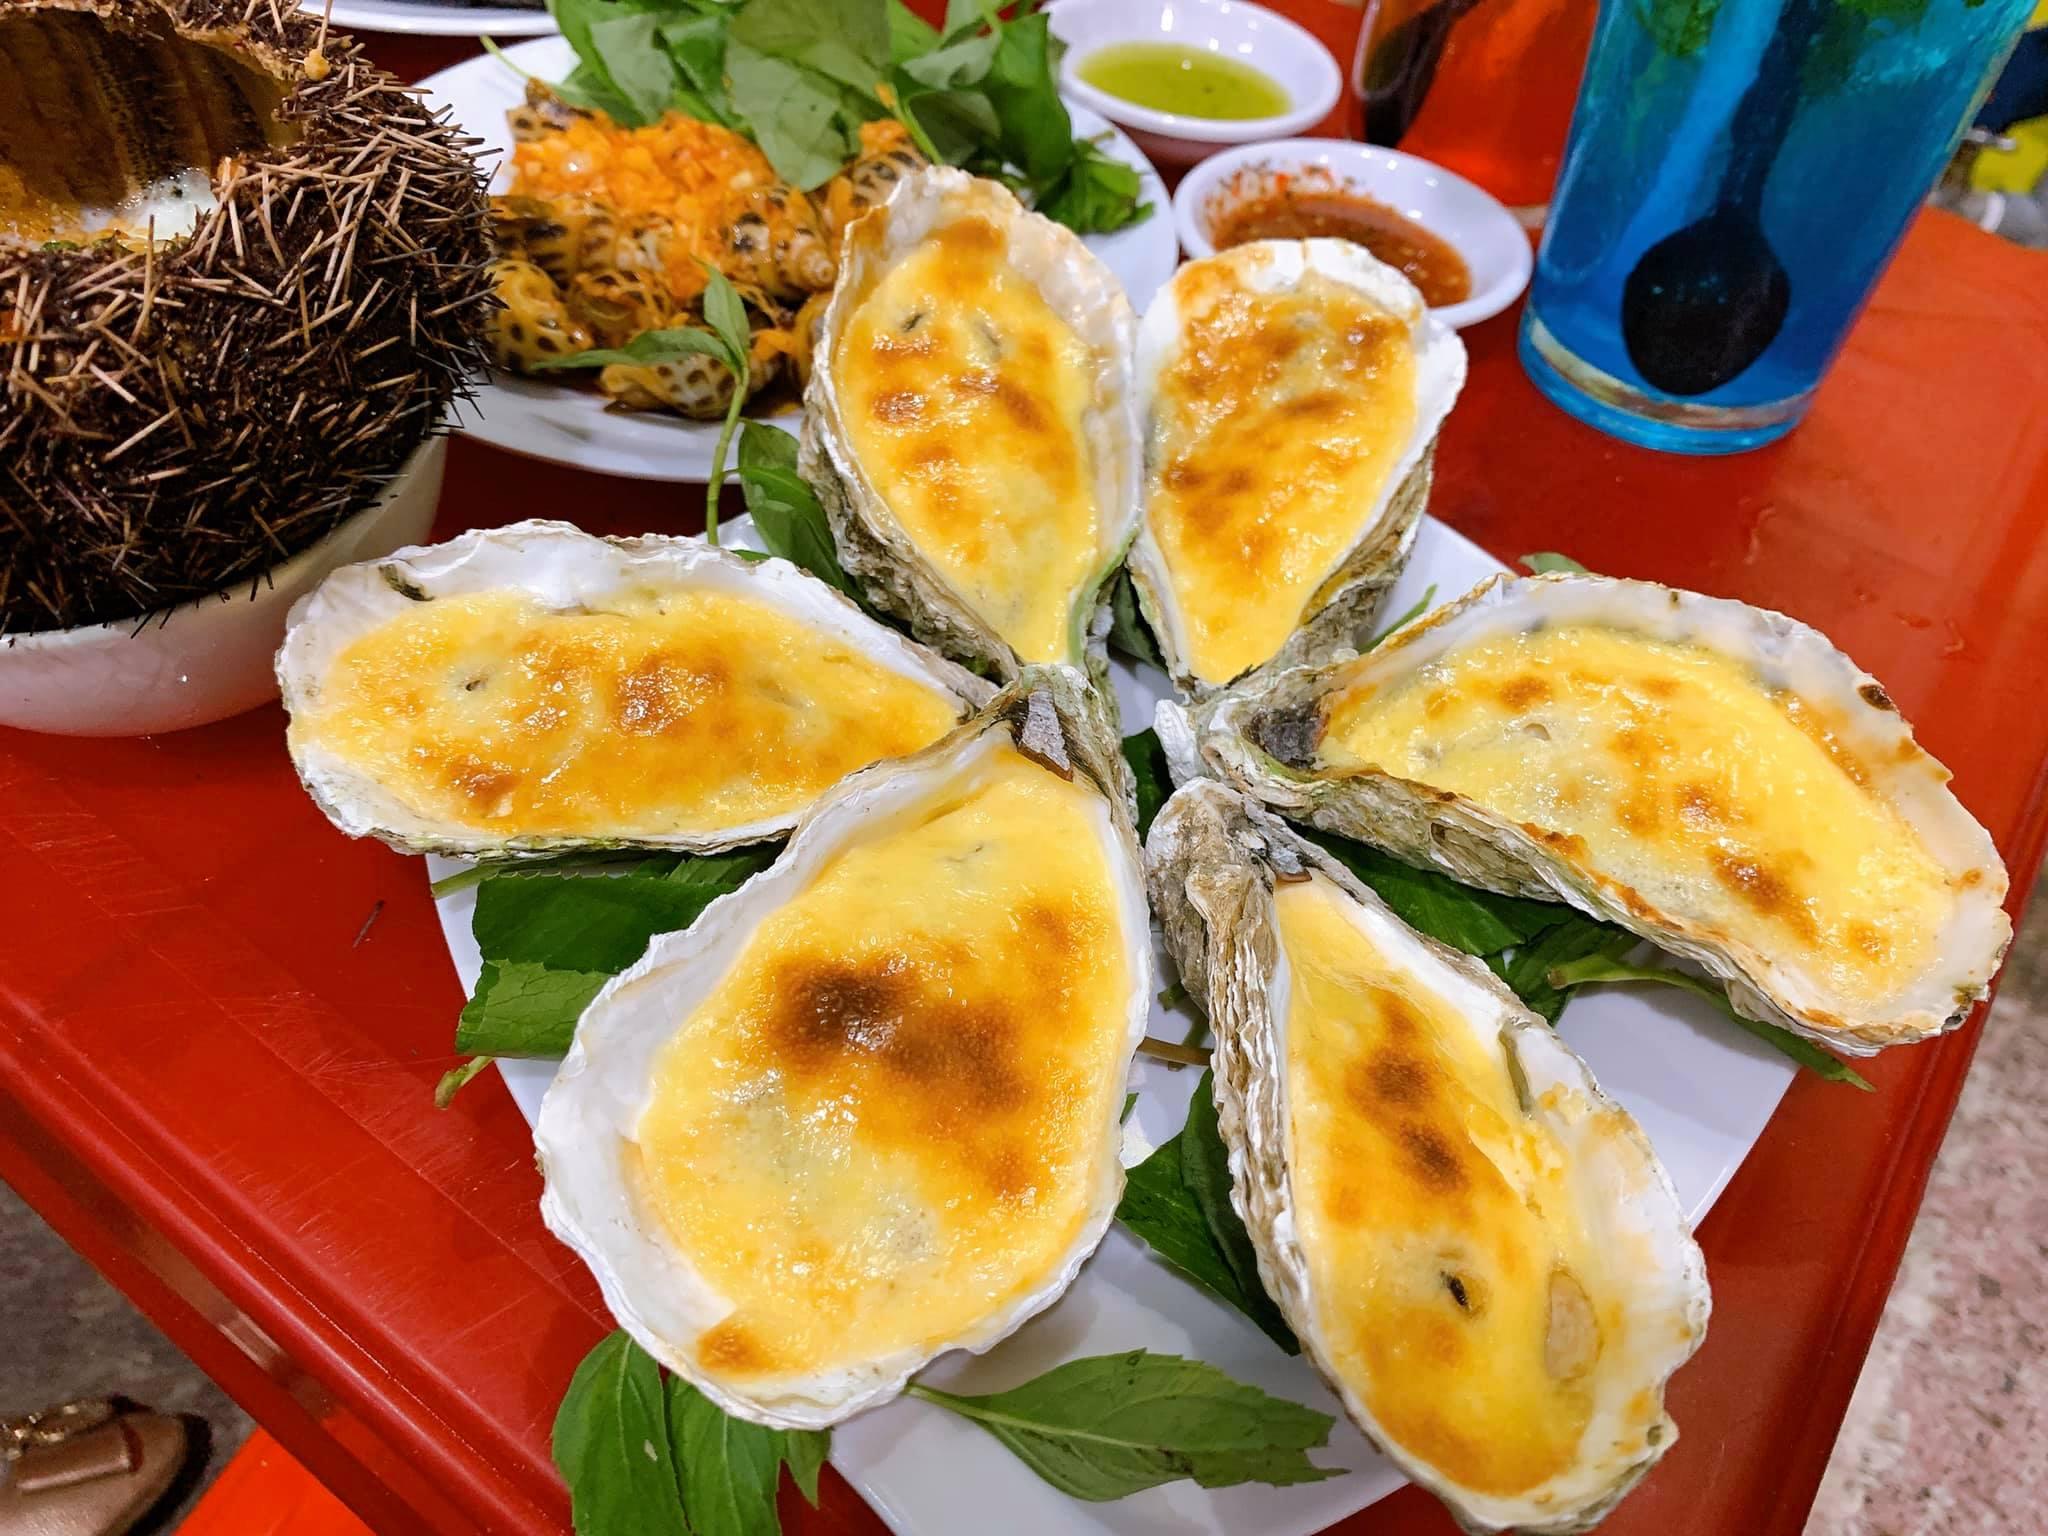 Tour du lịch Nha Trang từ TP HCM: Thưởng ngoạn mỹ cảnh tại hòn ngọc Việt  - Ảnh 16.